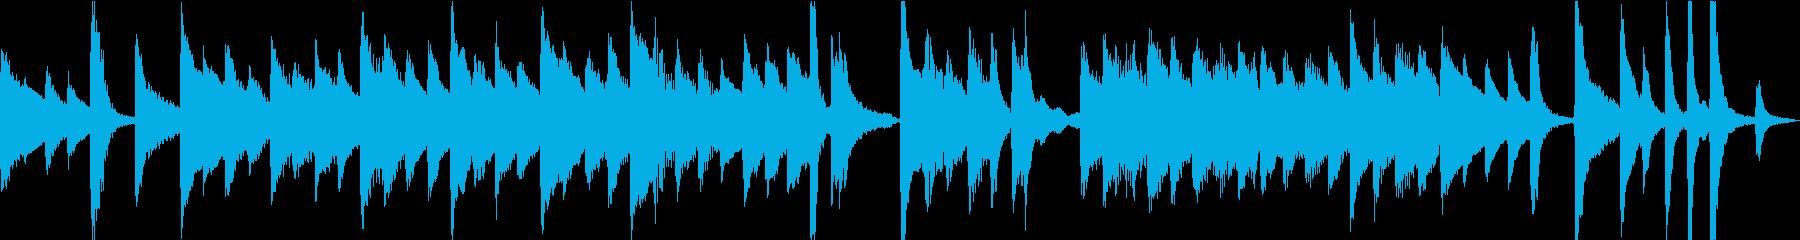 【悲壮感】30秒ピアノソロ【ループ】の再生済みの波形